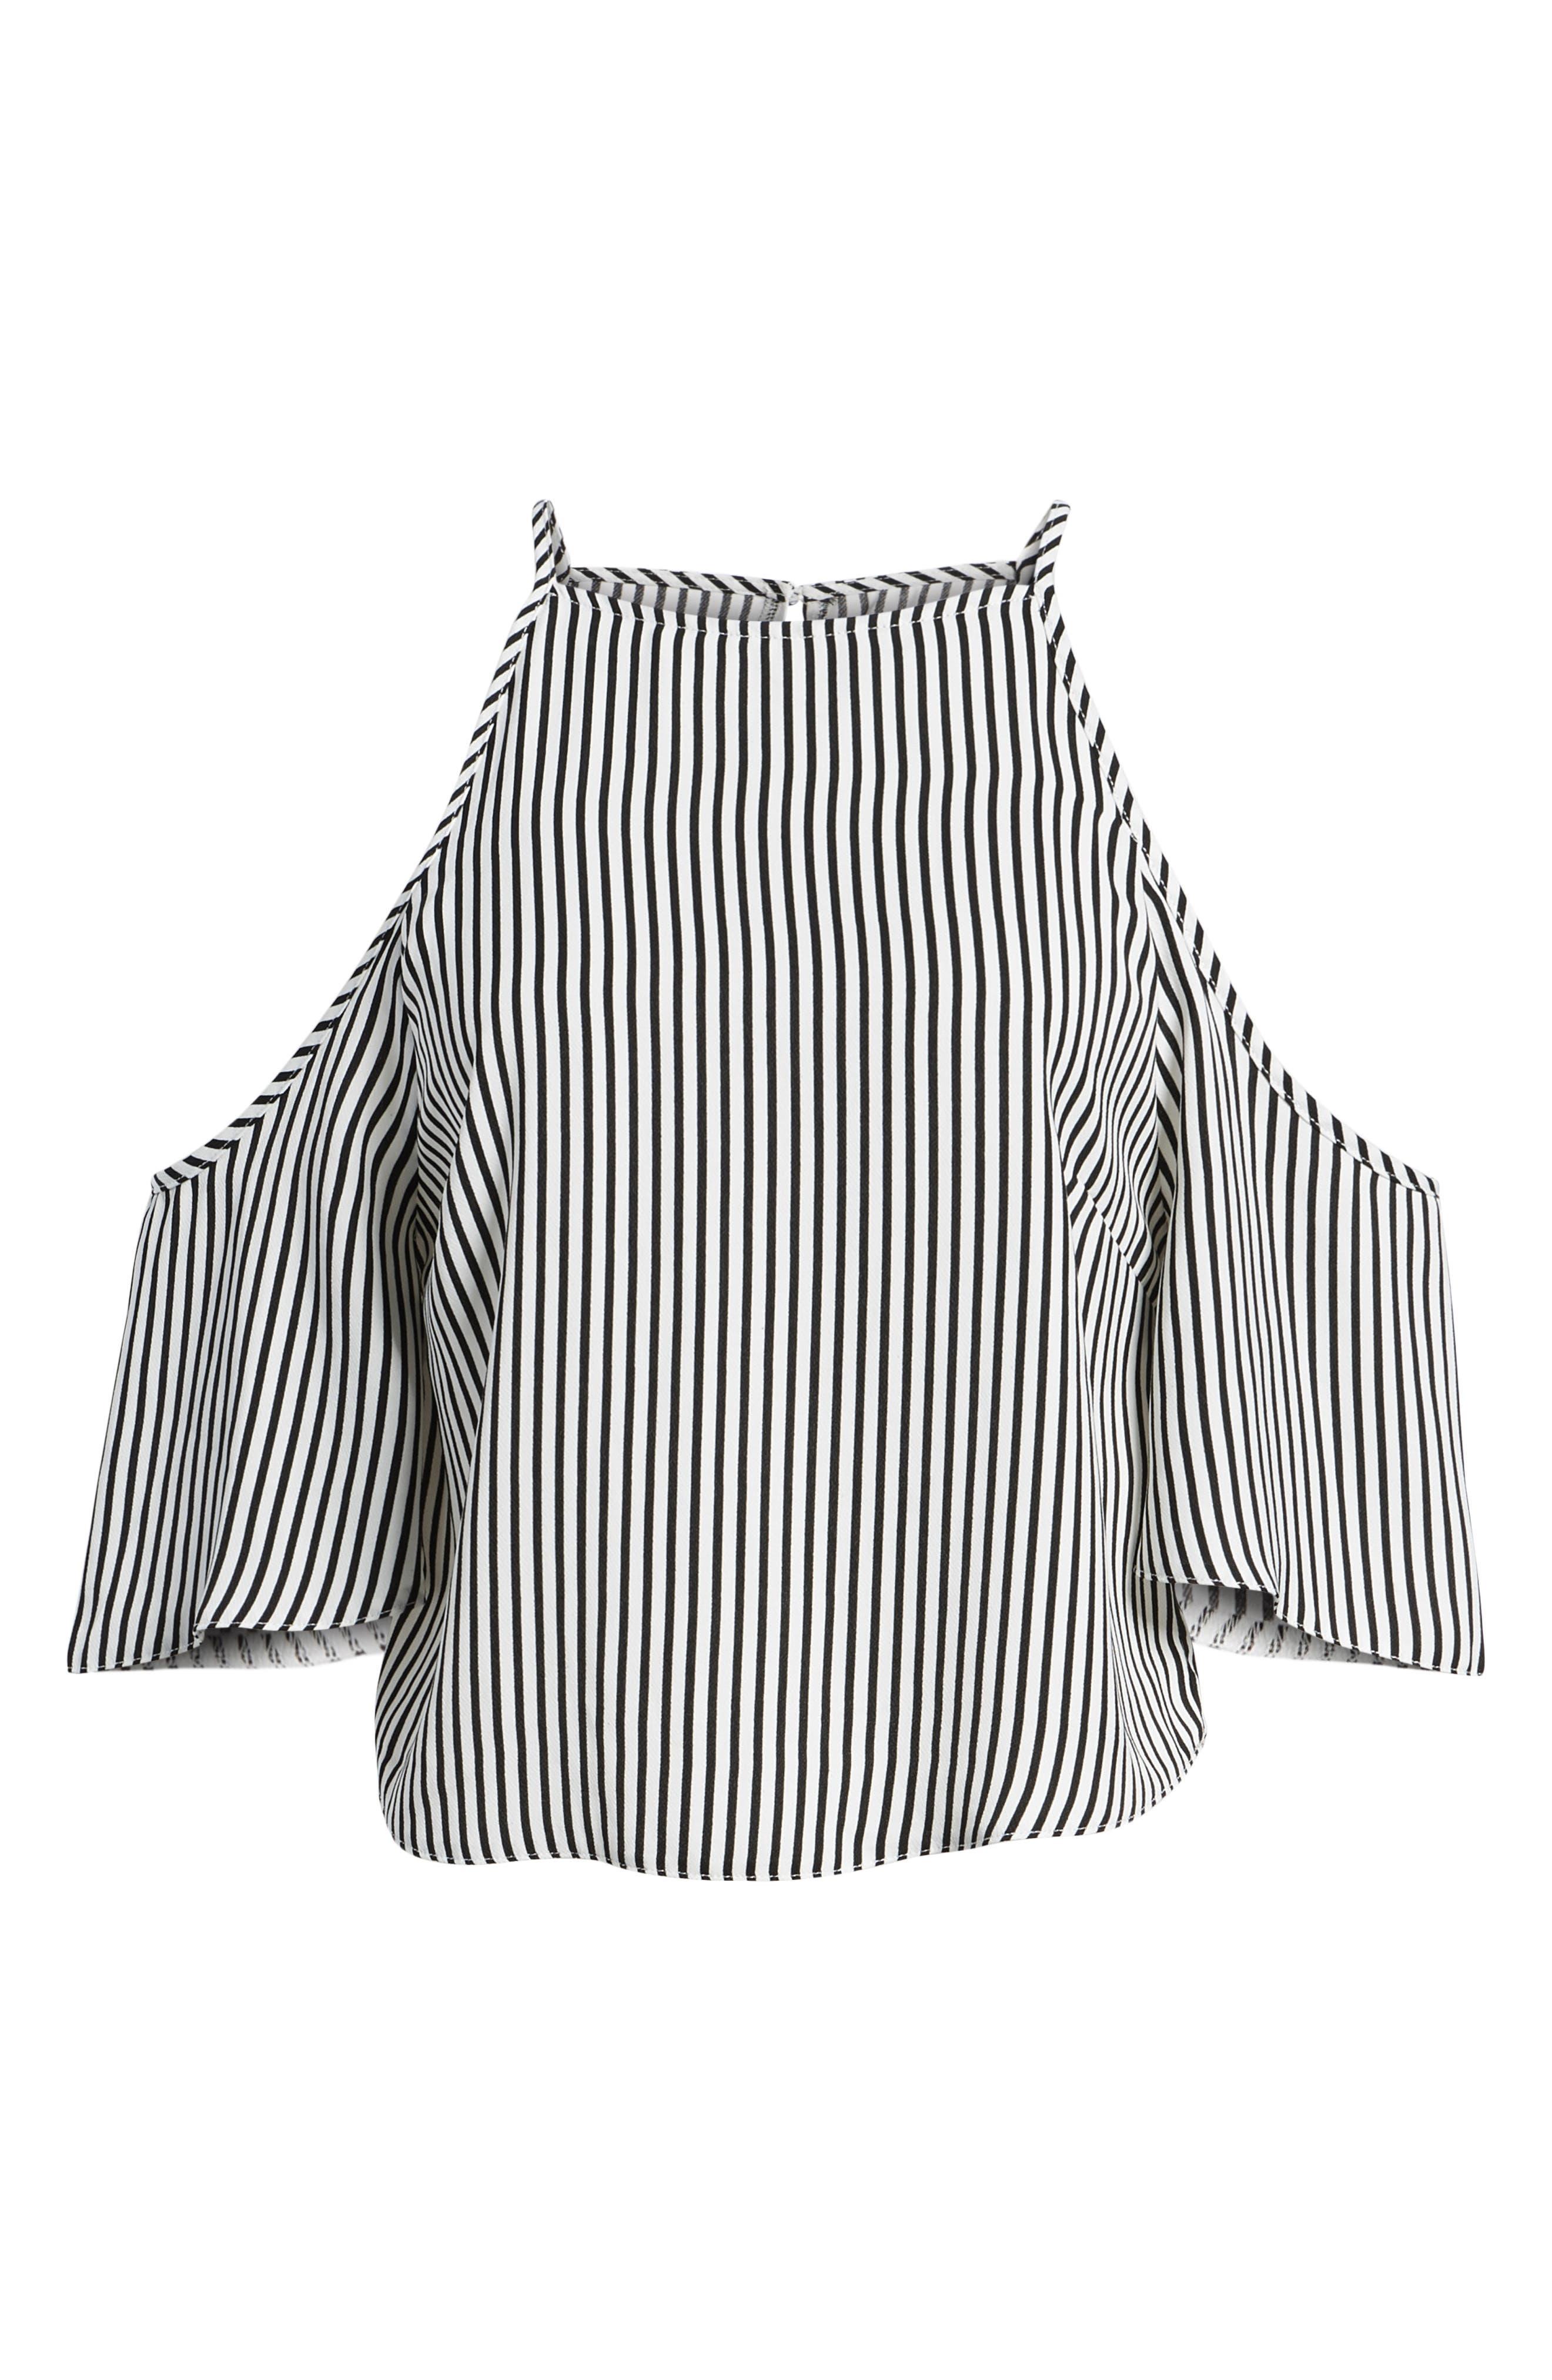 Bishop + Young Ava Stripe Cold Shoulder Top,                             Alternate thumbnail 7, color,                             BLACK STRIPE